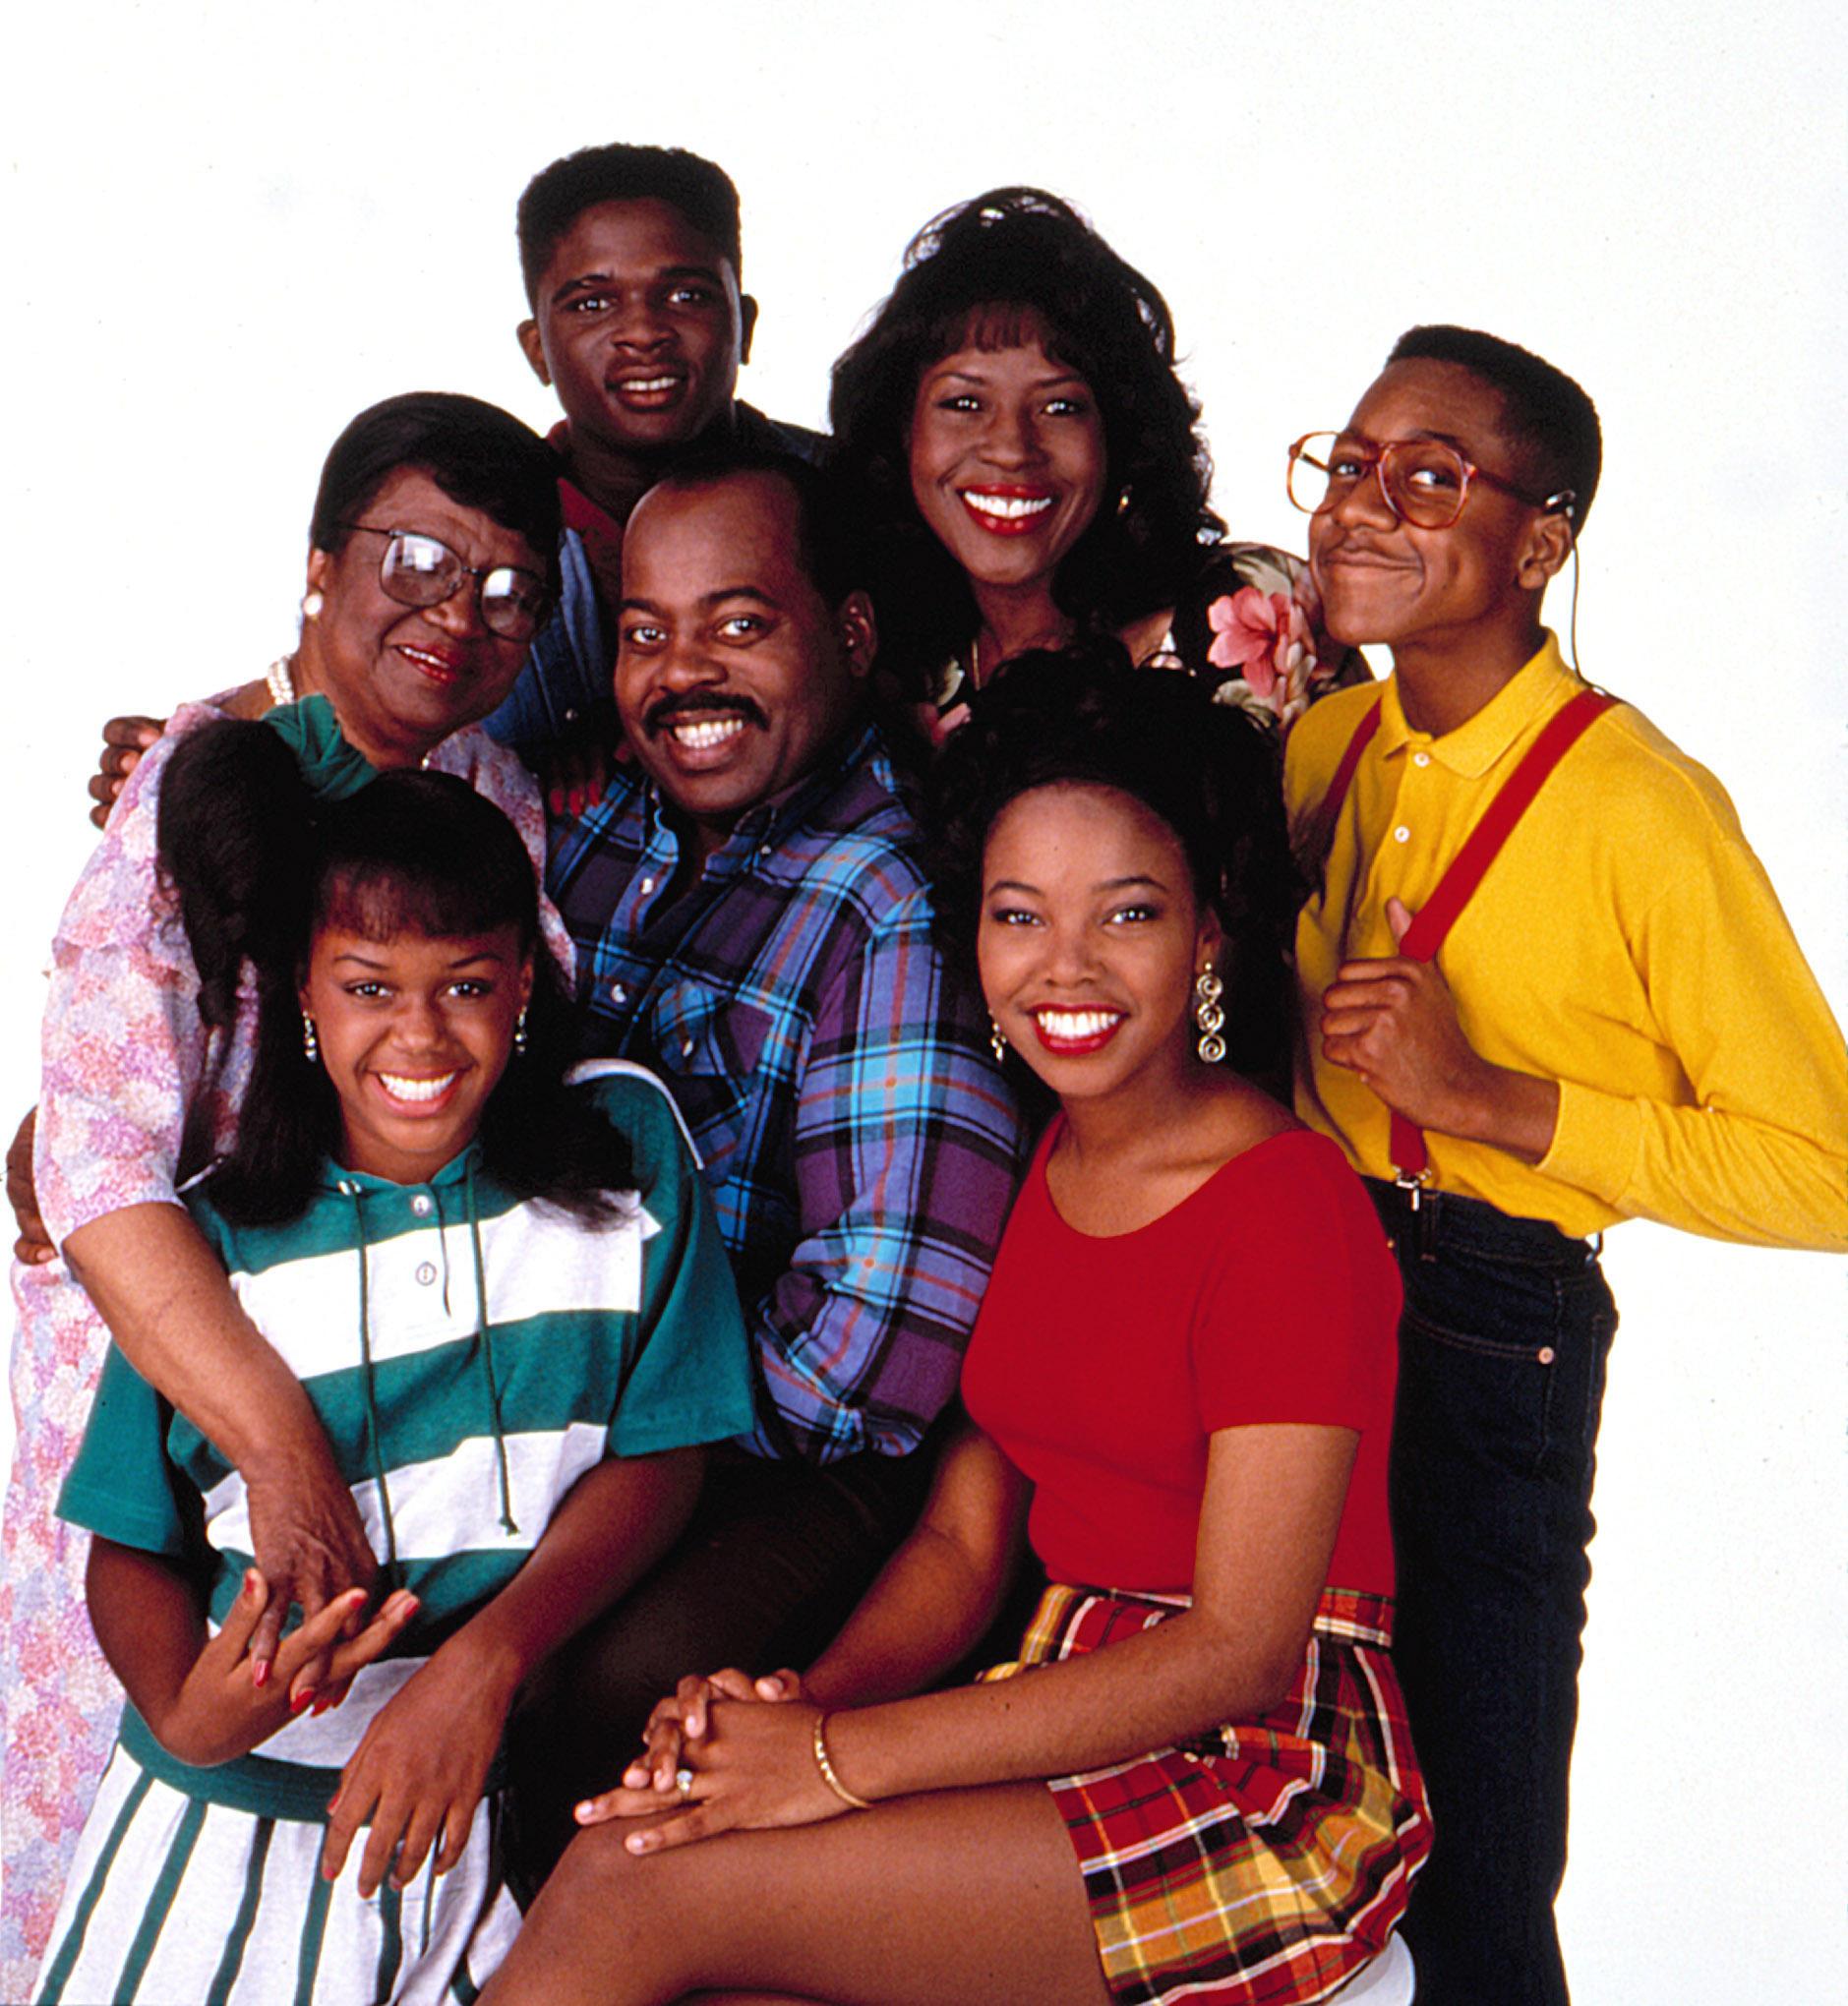 """Sep 14, · Die Schauspieler aus """"Alle unter einem Dach"""" begeisterten in den 90ern ein Millionen Publikum. Wie es unseren Stars wohl heute geht?"""